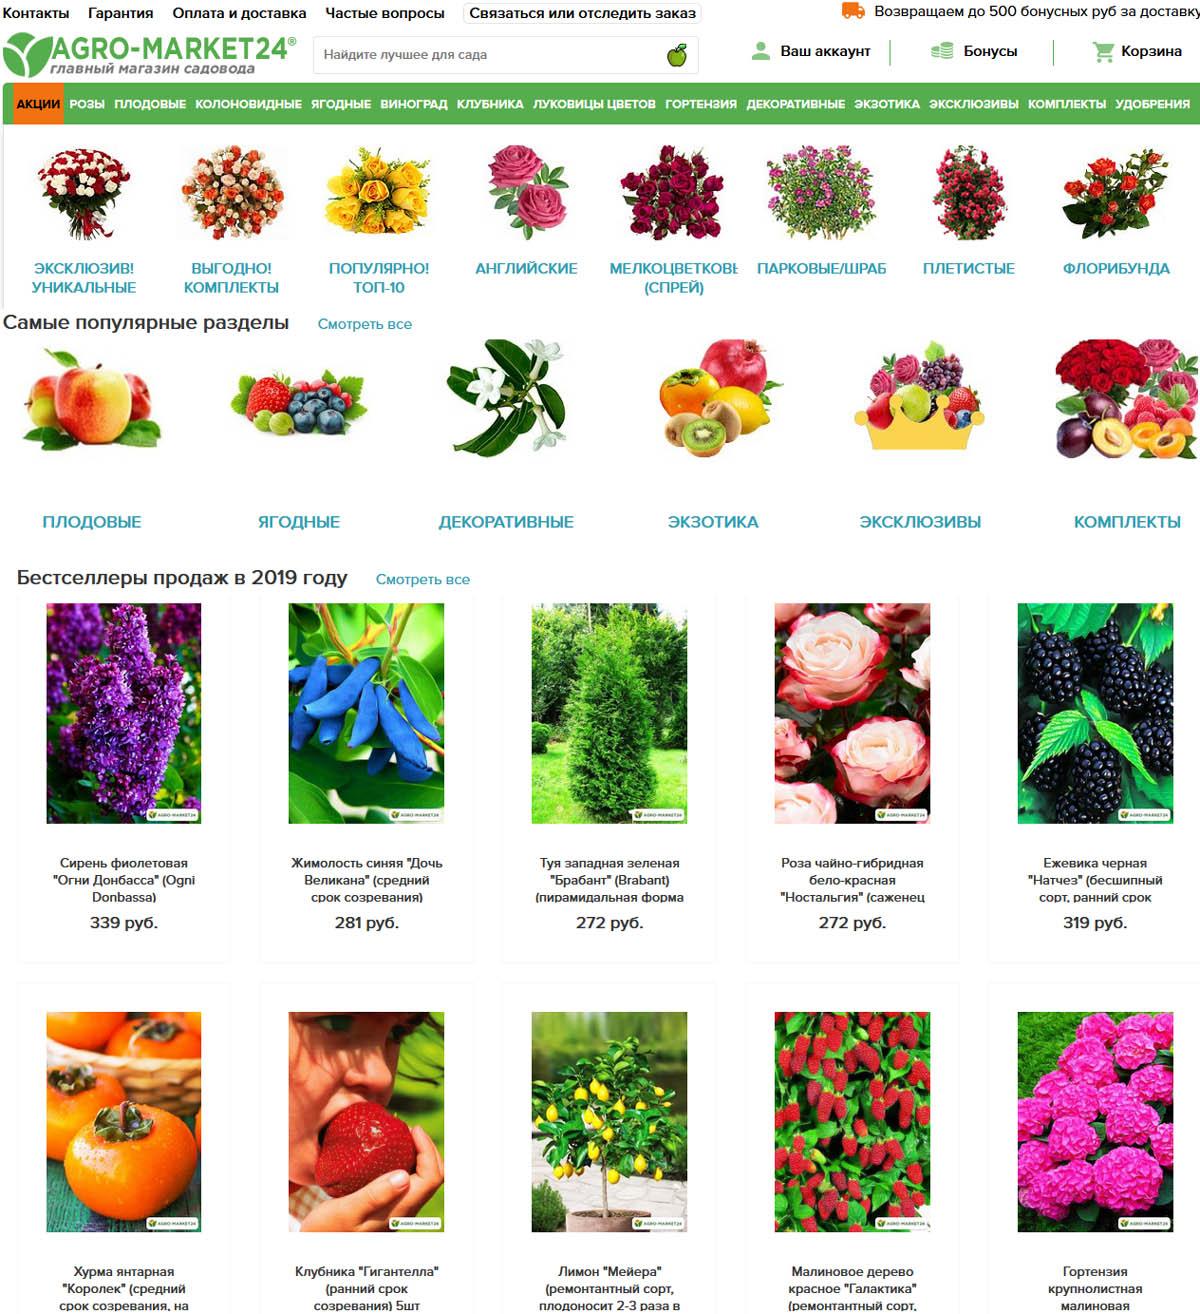 Агромаркет Интернет Магазин Посадочных Материалов Официальный Сайт